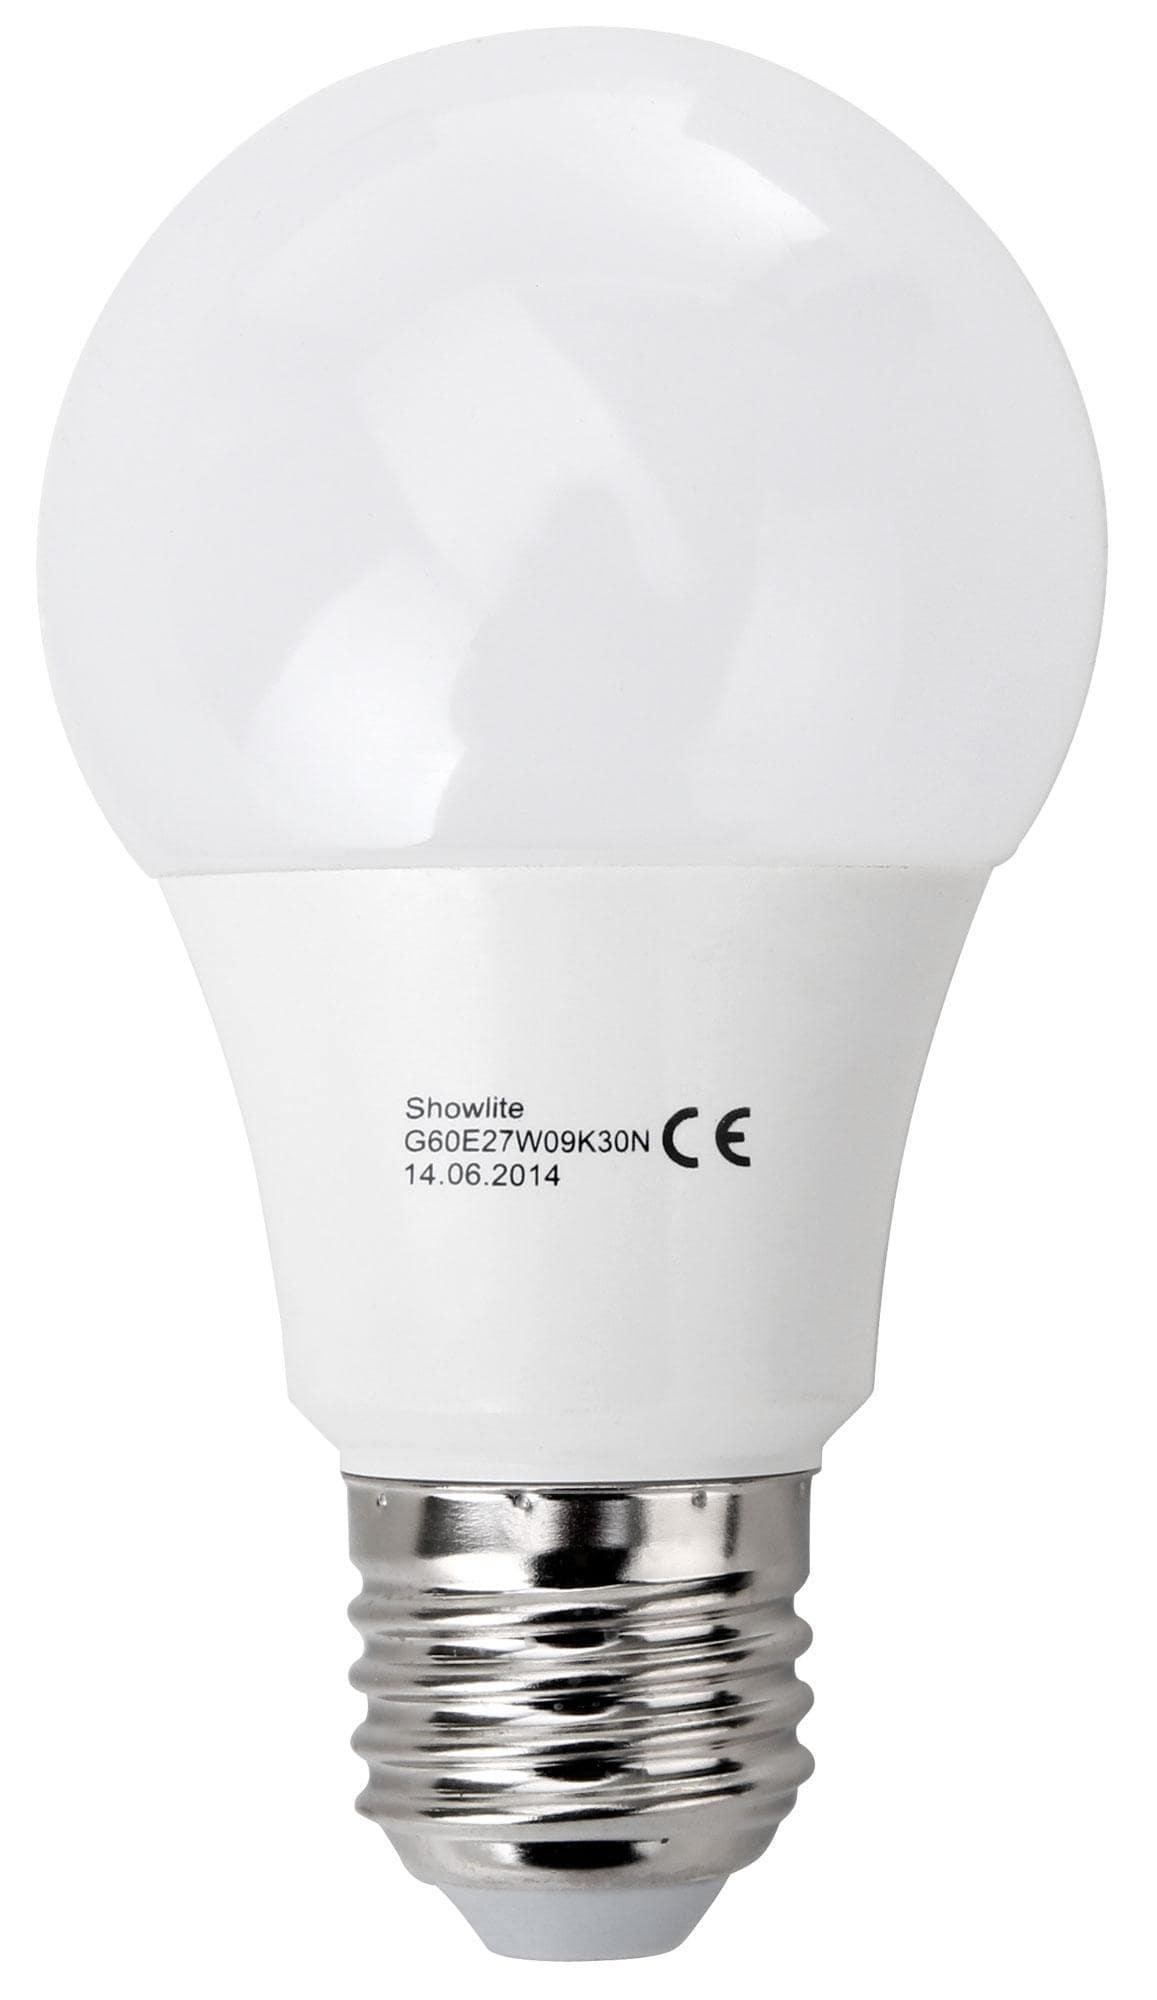 10 piece set show lite led bulb g45e27w05k30n 9 watts 860 for Led lampen 0 3 watt